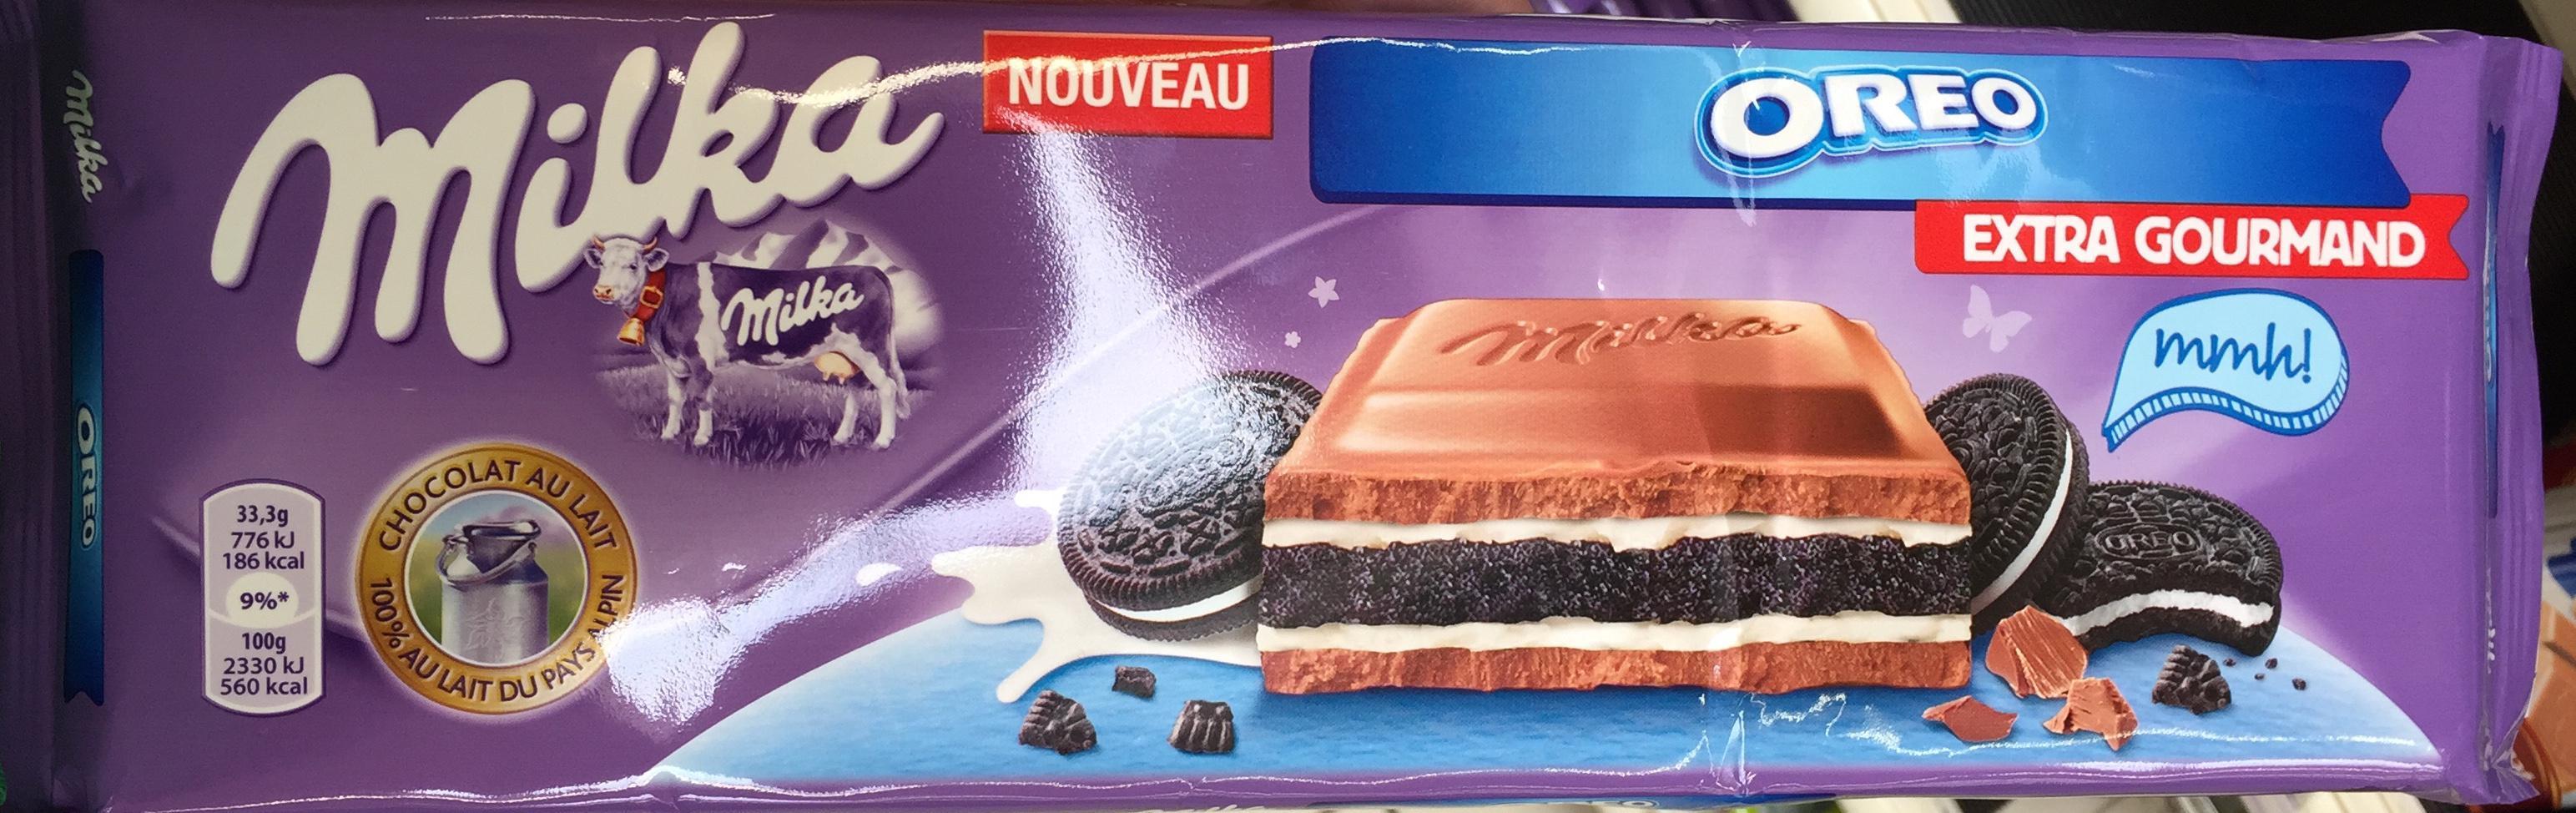 Tablette chocolat Milka Extra Gougmand (via BDR de 1.20€)